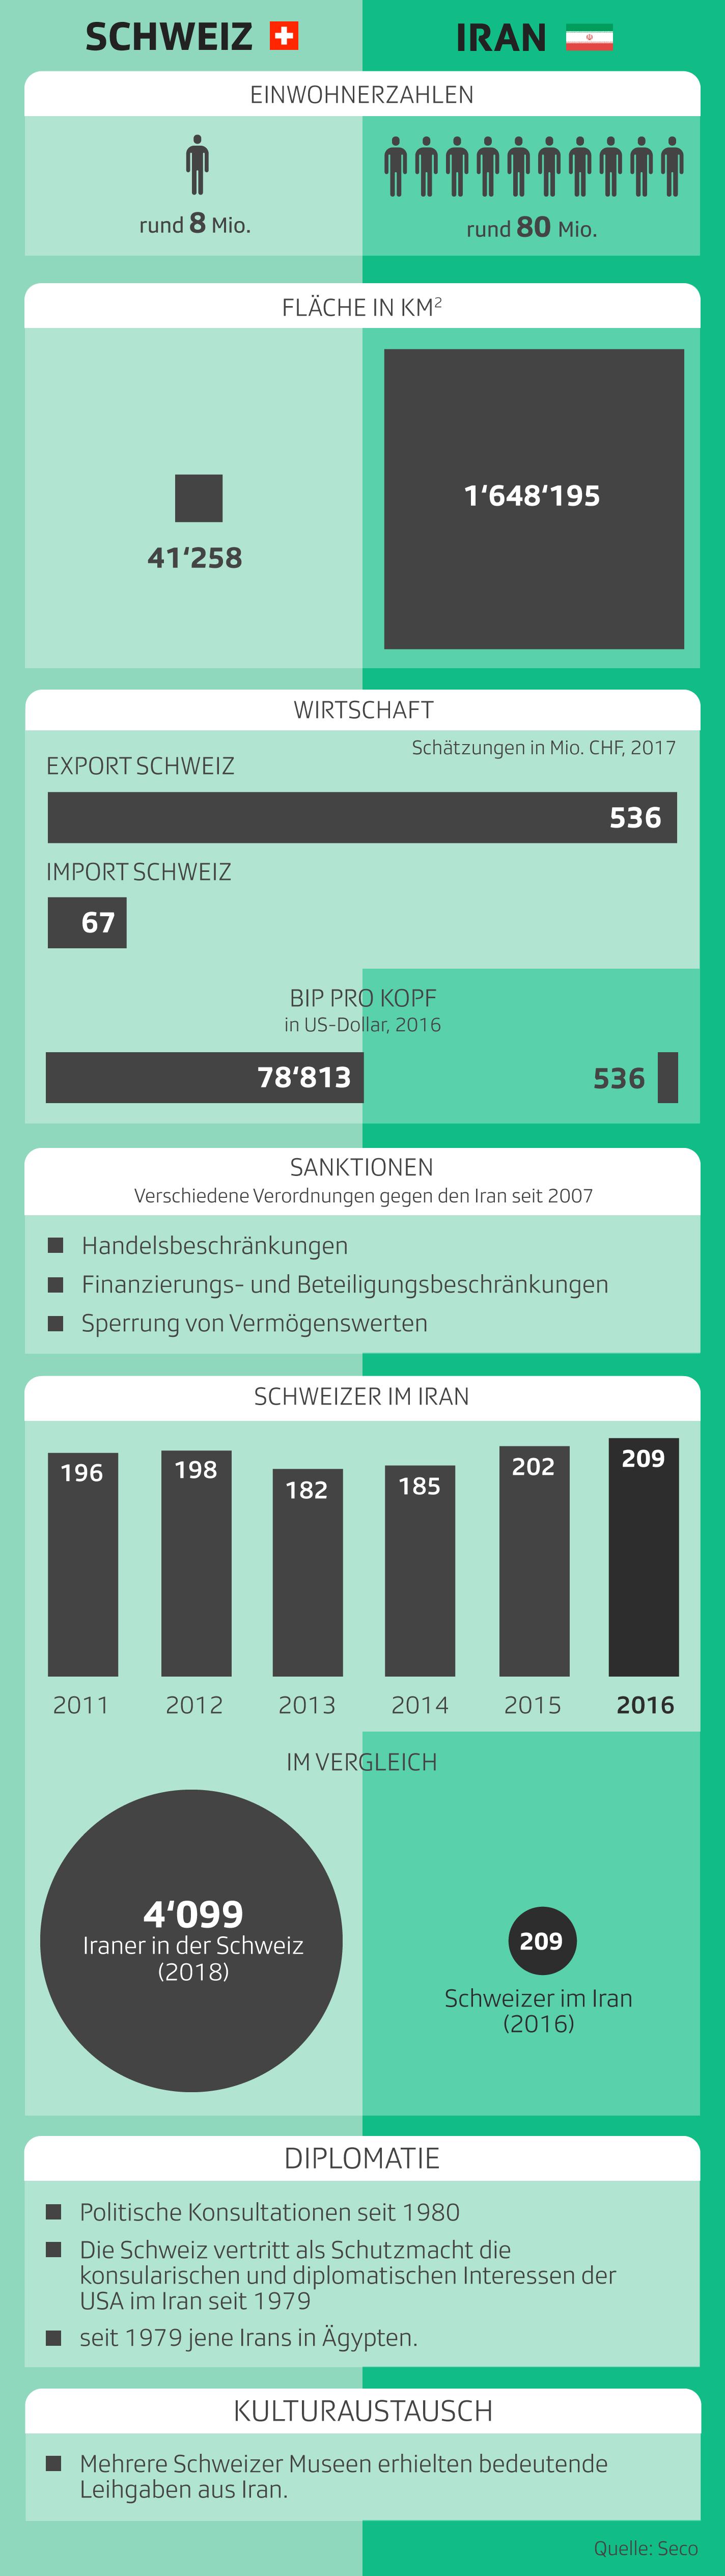 Beziehungen Schweiz Iran